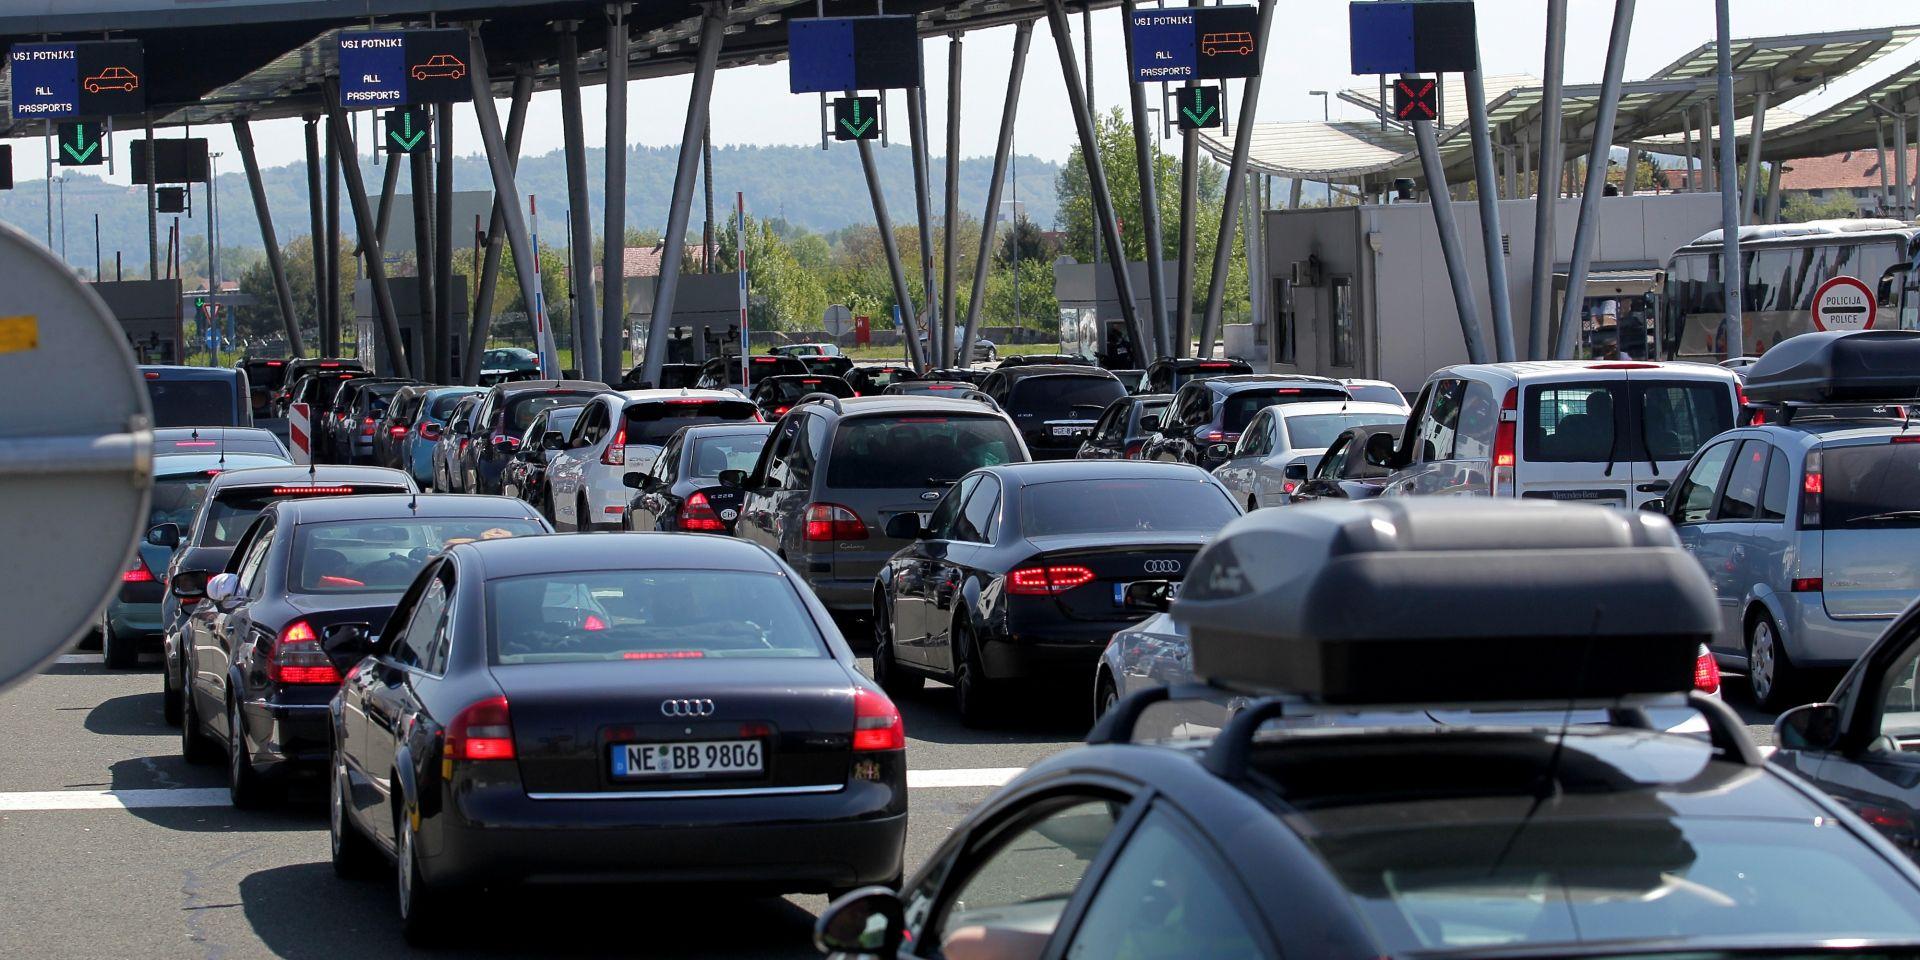 HAK Pojačan ulazak vozila na graničnim prijelazima Macelj, Rupa i Stara Gradiška